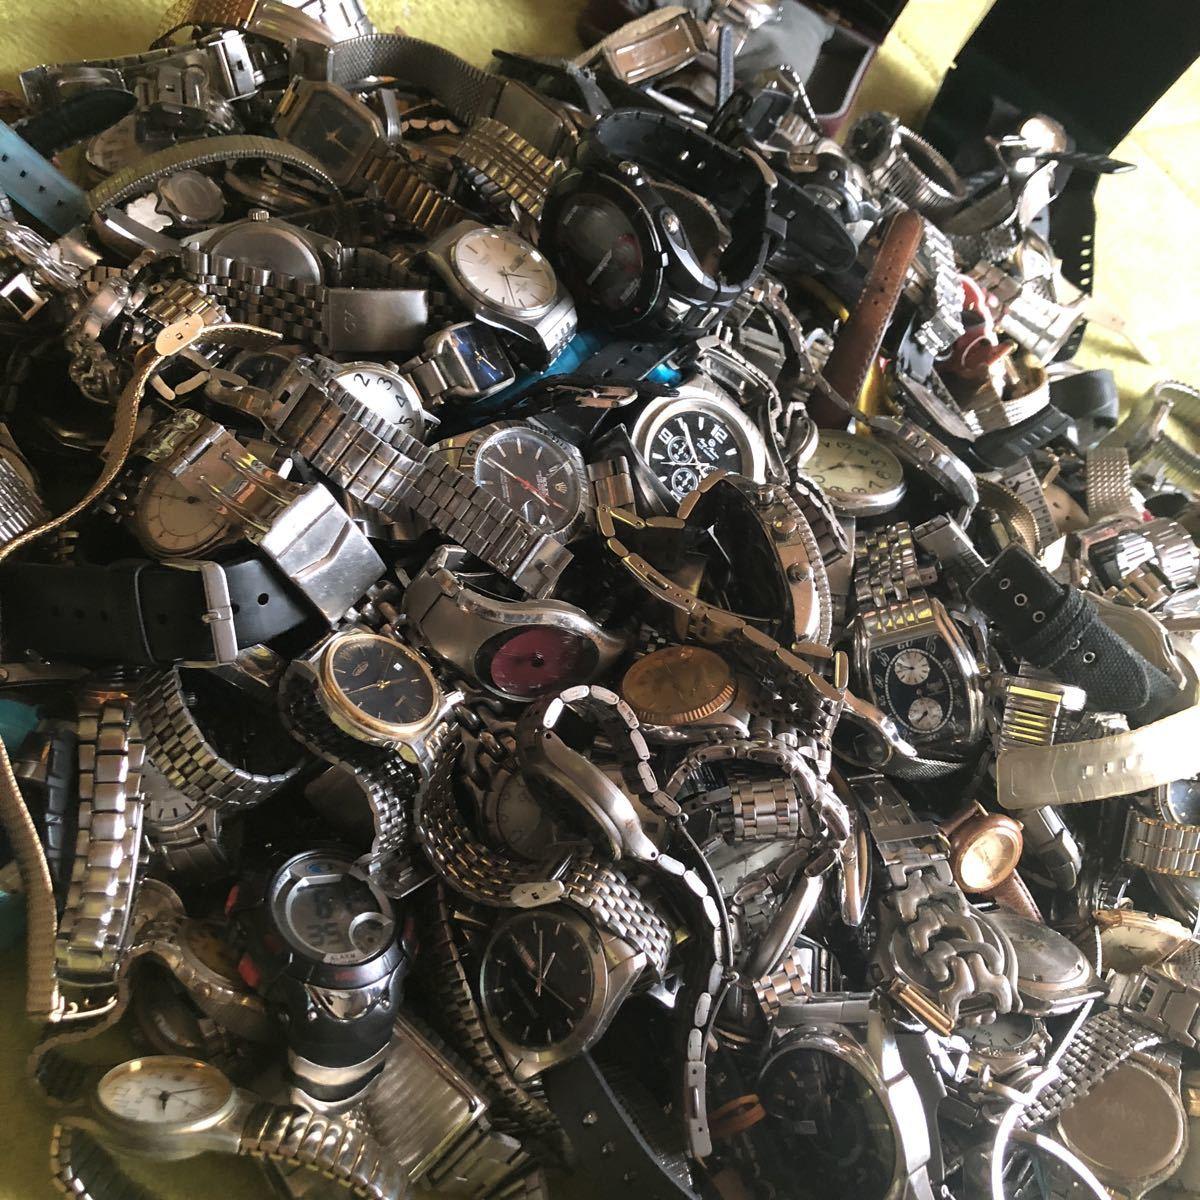 SEIKO CITIZEN カシオ CASIO DIESEL 他 各種ブランドメンズ腕時計 レディース腕時計 大量おまとめセット 約 31kg